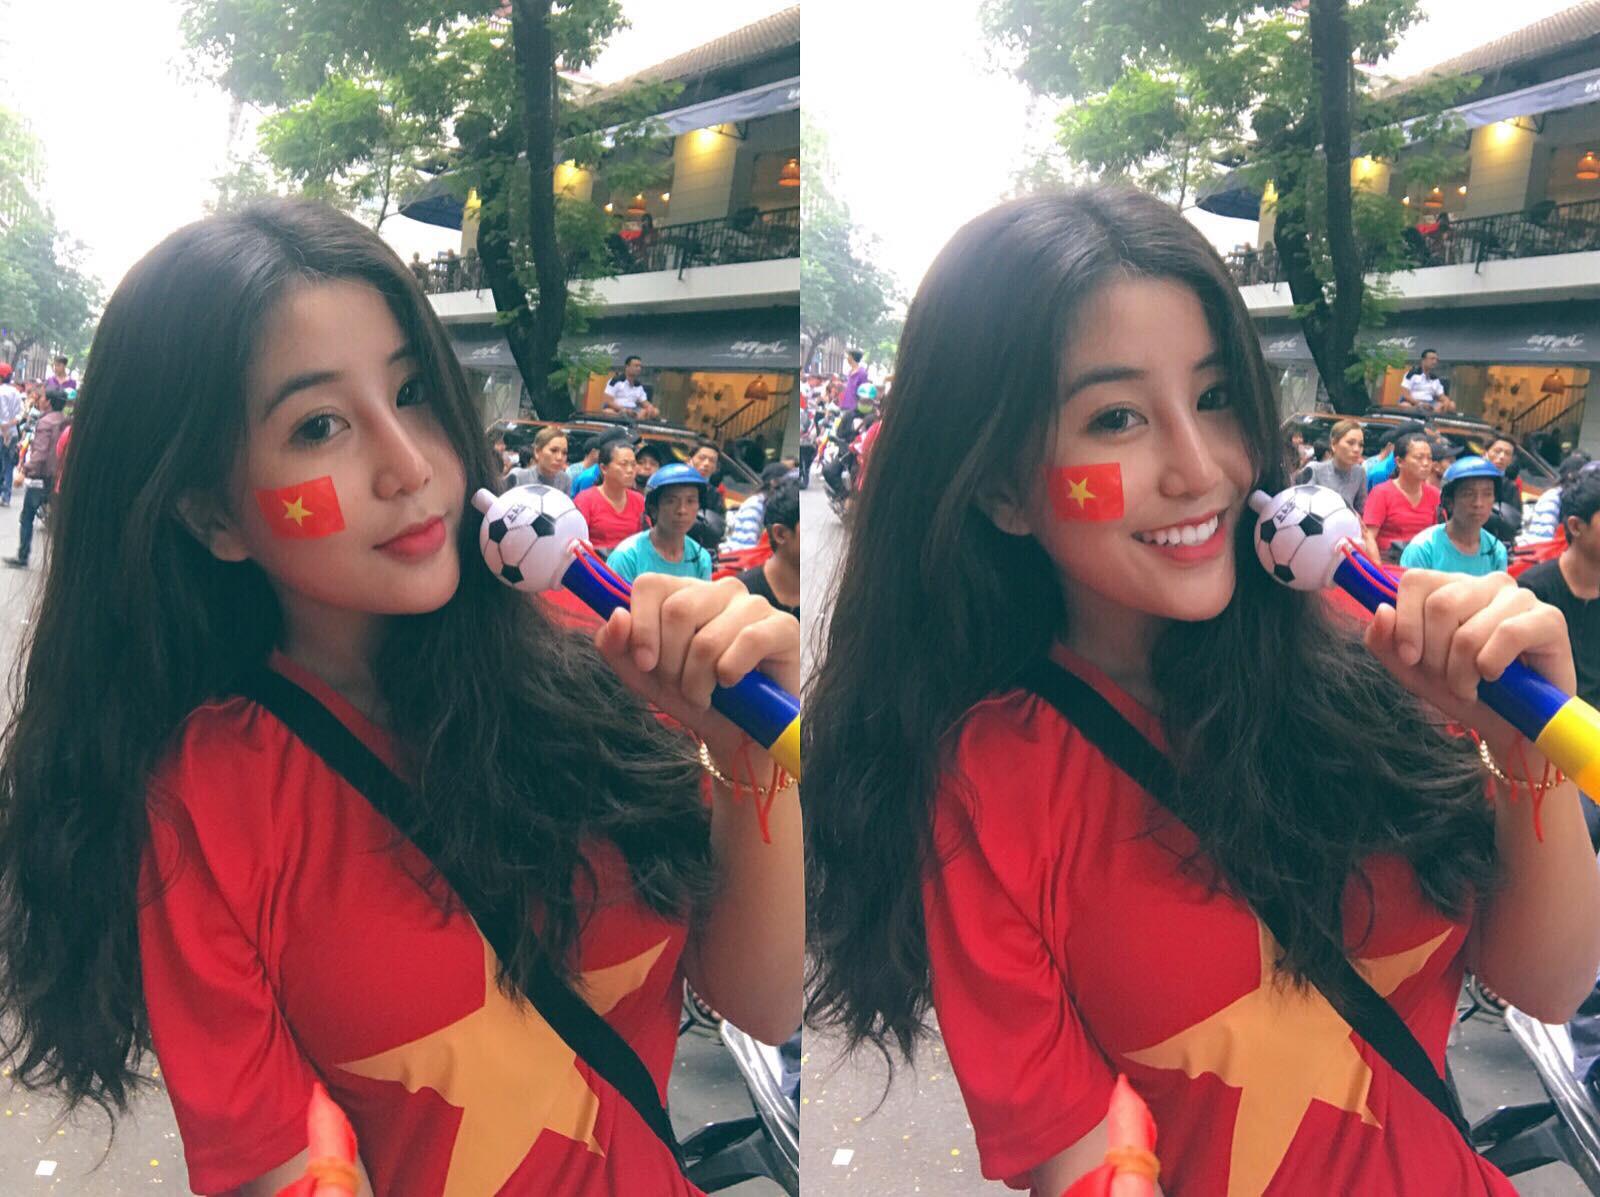 Những cô nàng từng xuất hiện trên truyền thông quốc tế chứng minh nhan sắc con gái Việt ngày càng được công nhận - Ảnh 5.